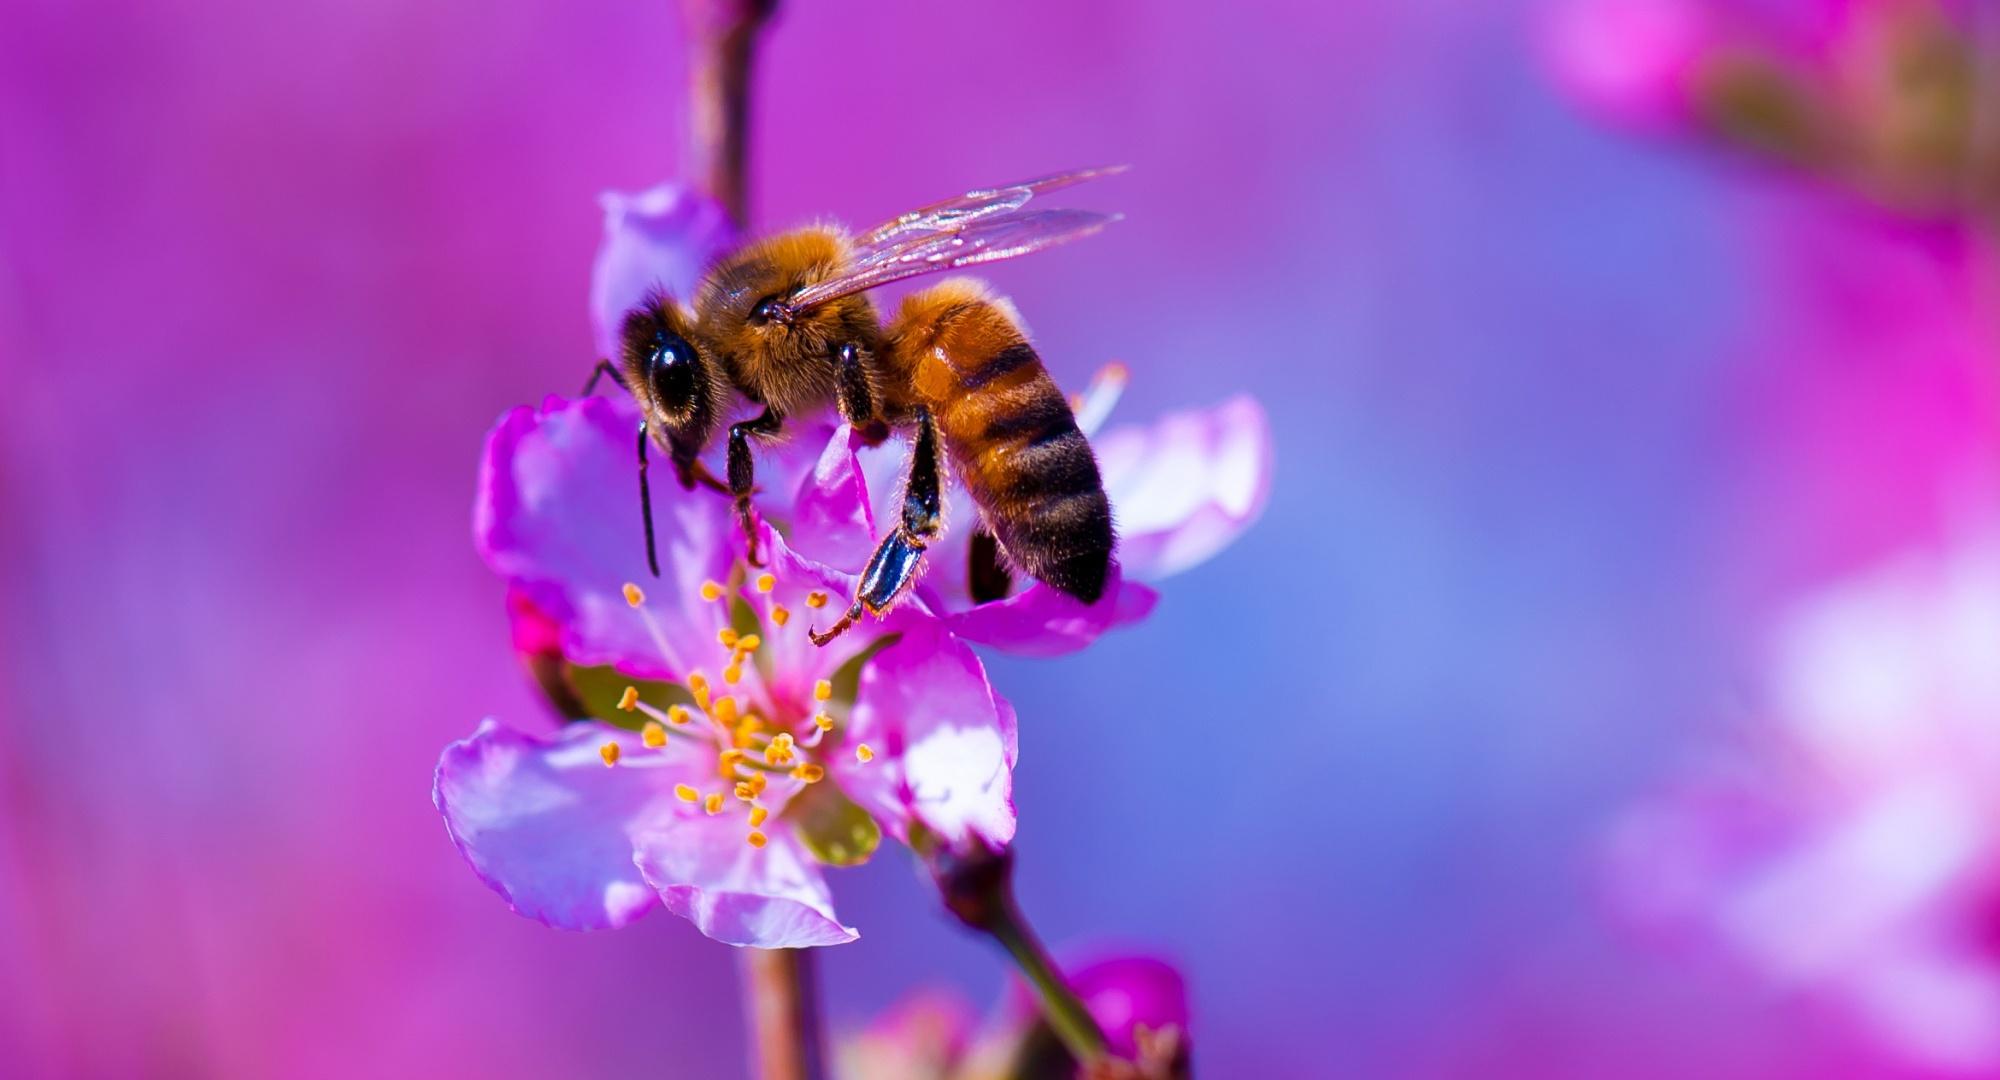 насекомое цветок бесплатно